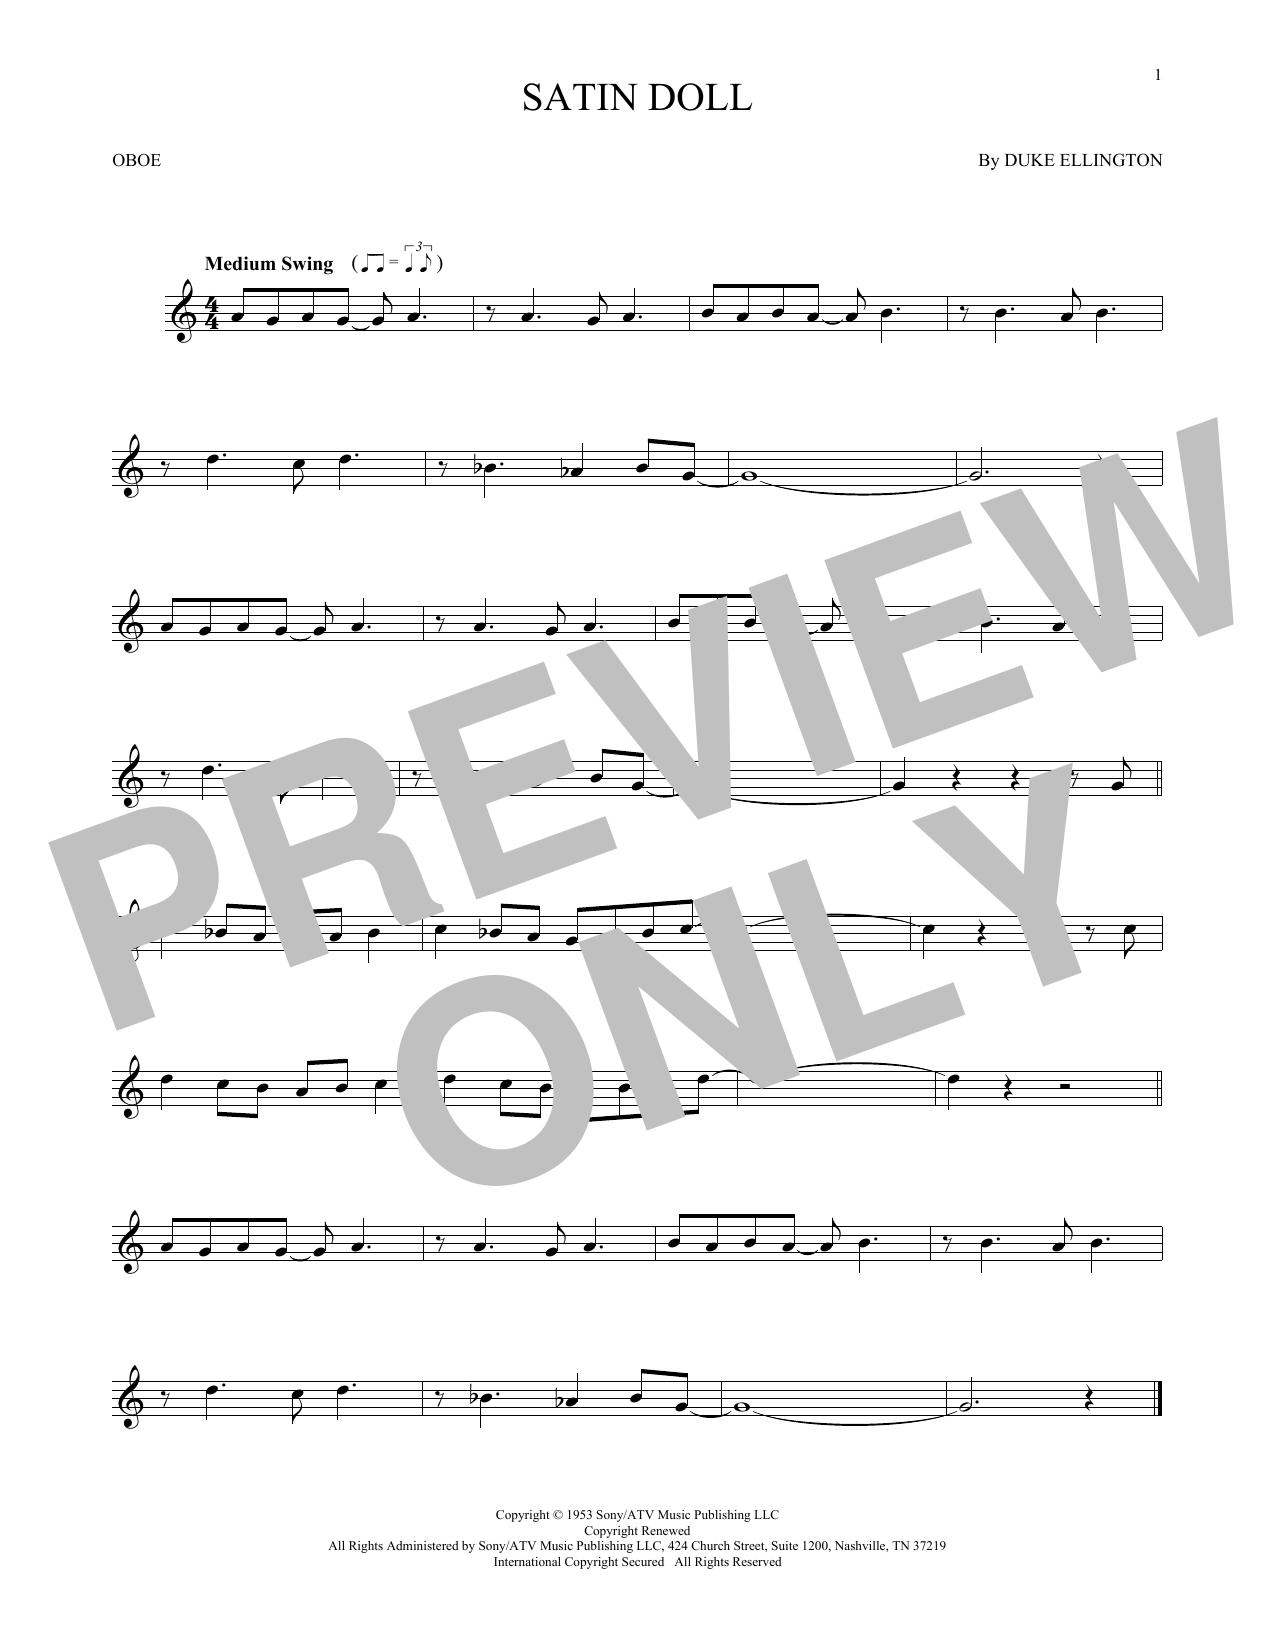 Satin Doll (Oboe Solo)